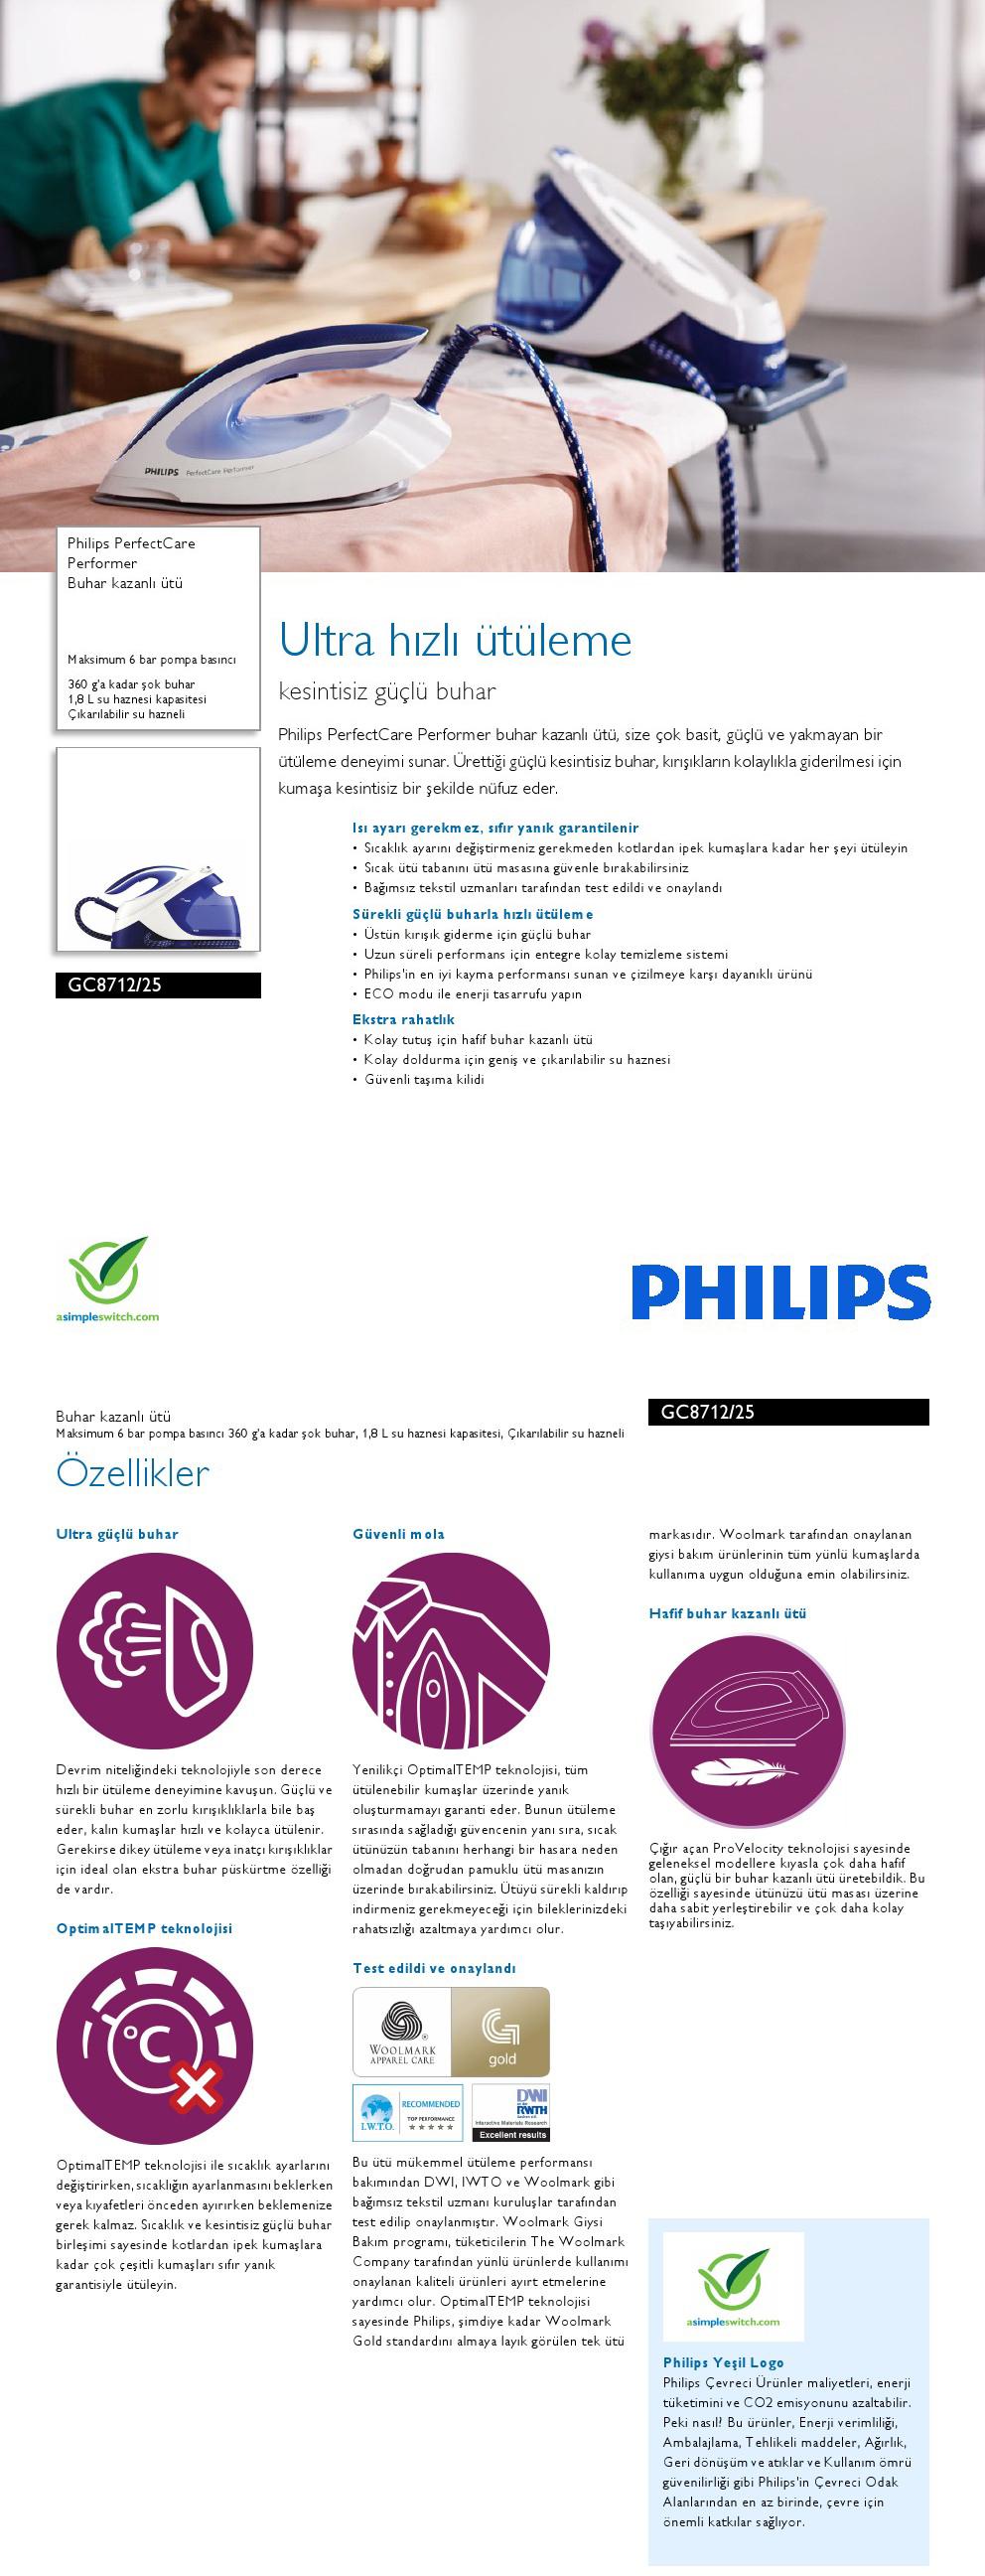 Philips GC871225 PerfectCare Performer 2600 W Buhar Kazanlı Ütü